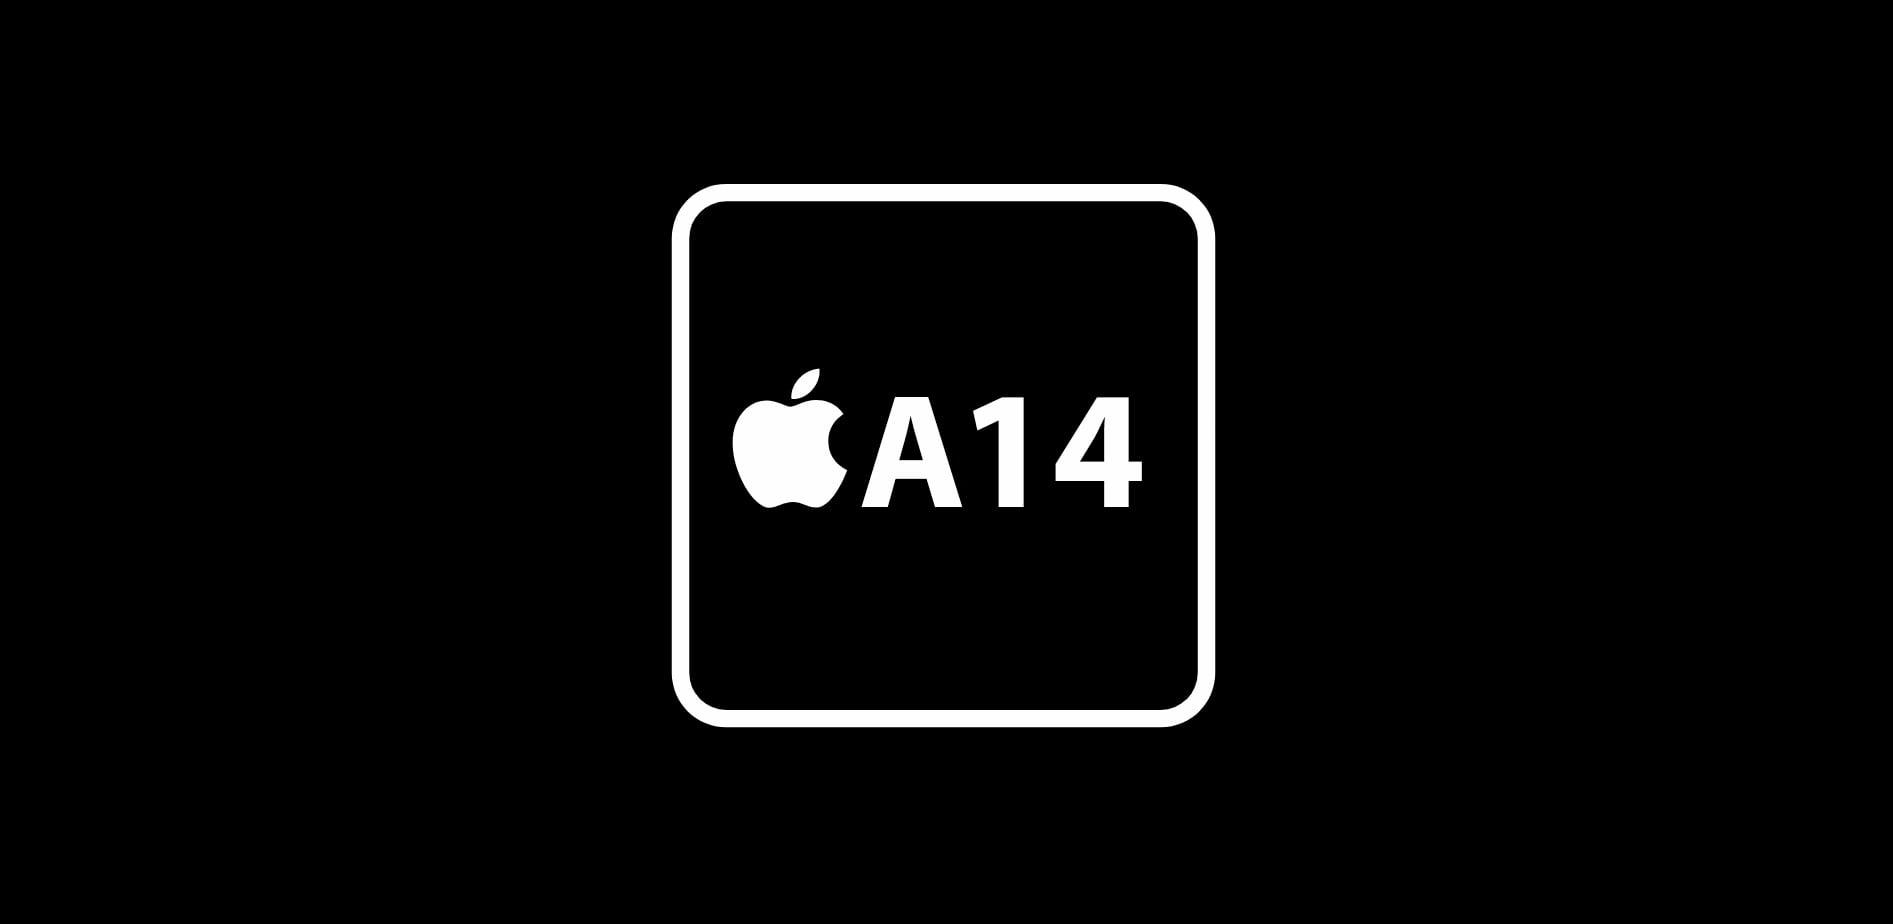 iPhone 12 işlemcisi Snapdragon 865 Plus'tan iki kat hızlı olabilir!